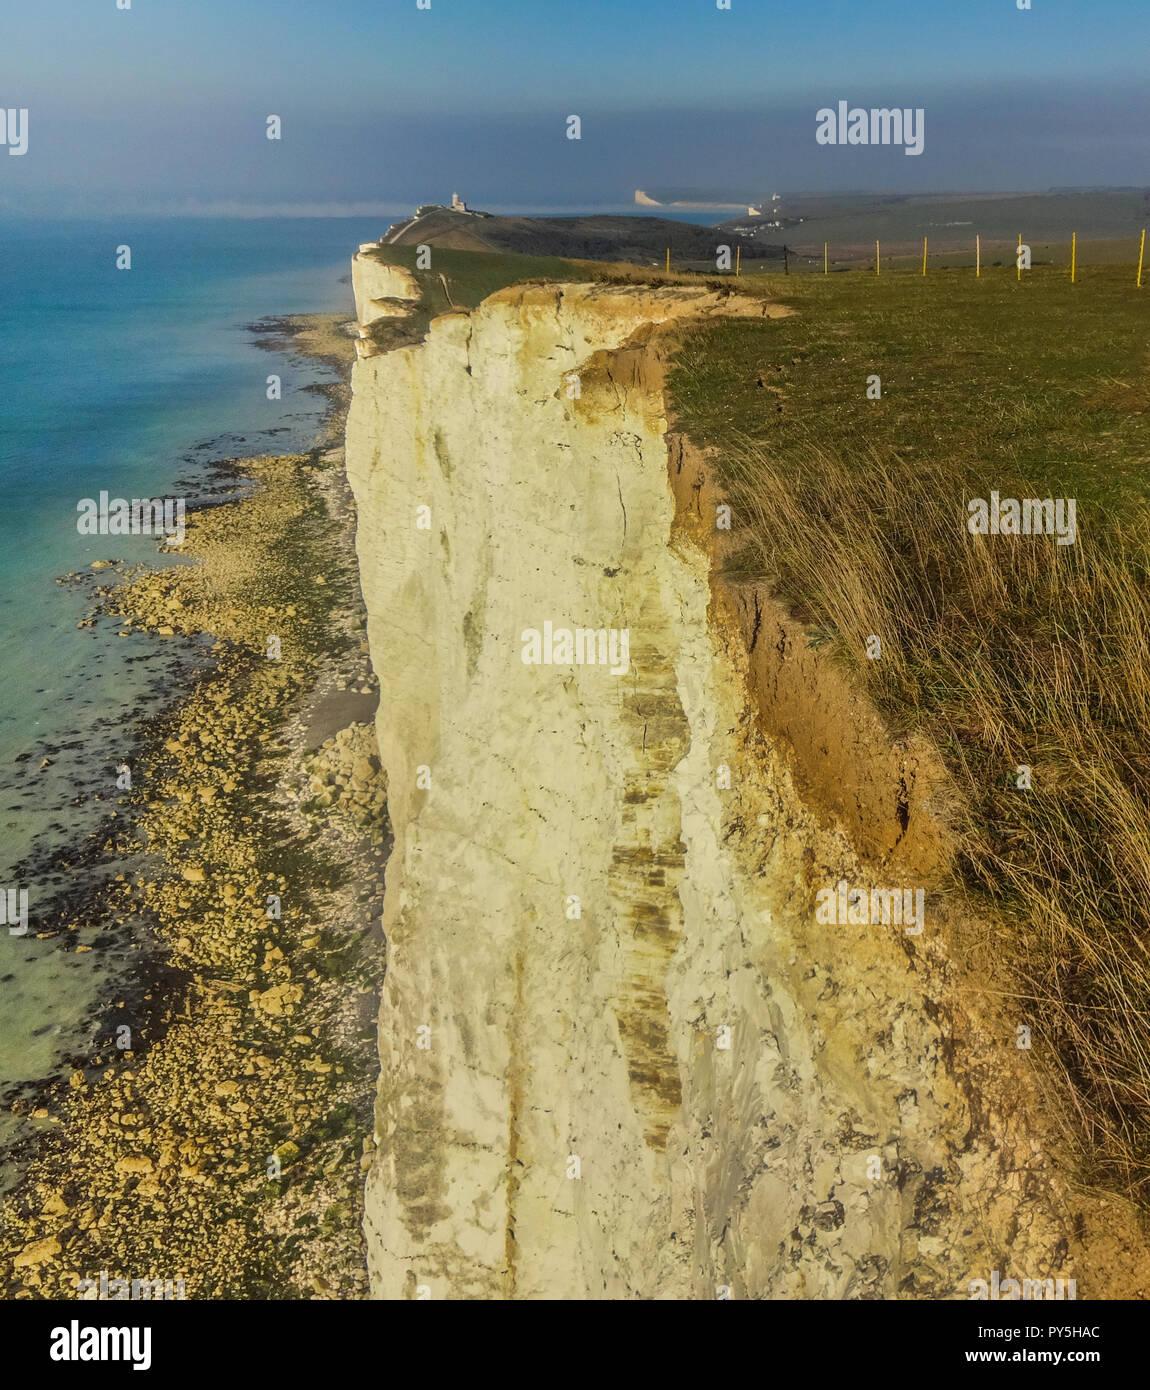 Eastbourne, East Sussex, Regno Unito..25 Ottobre 2018..Vista da Beachy Head area guardando ad ovest . Area recintata a causa fessurazione appena visibili in questa foto in alto a destra del centro. Fragilità e fessure molto evidente. Chalk erosione è del tutto normale e naturale lungo il Sussex chalk cliffs. Questo è il motivo per cui sono così bianca, tuttavia, vi sono stati alcuni grandi cadute di recente in particolare quella al Colle Piana, Birling Gap la scorsa settimana che il NT consigliare è il più grande per oltre un decennio. David Burr/Alamy Live News Immagini Stock